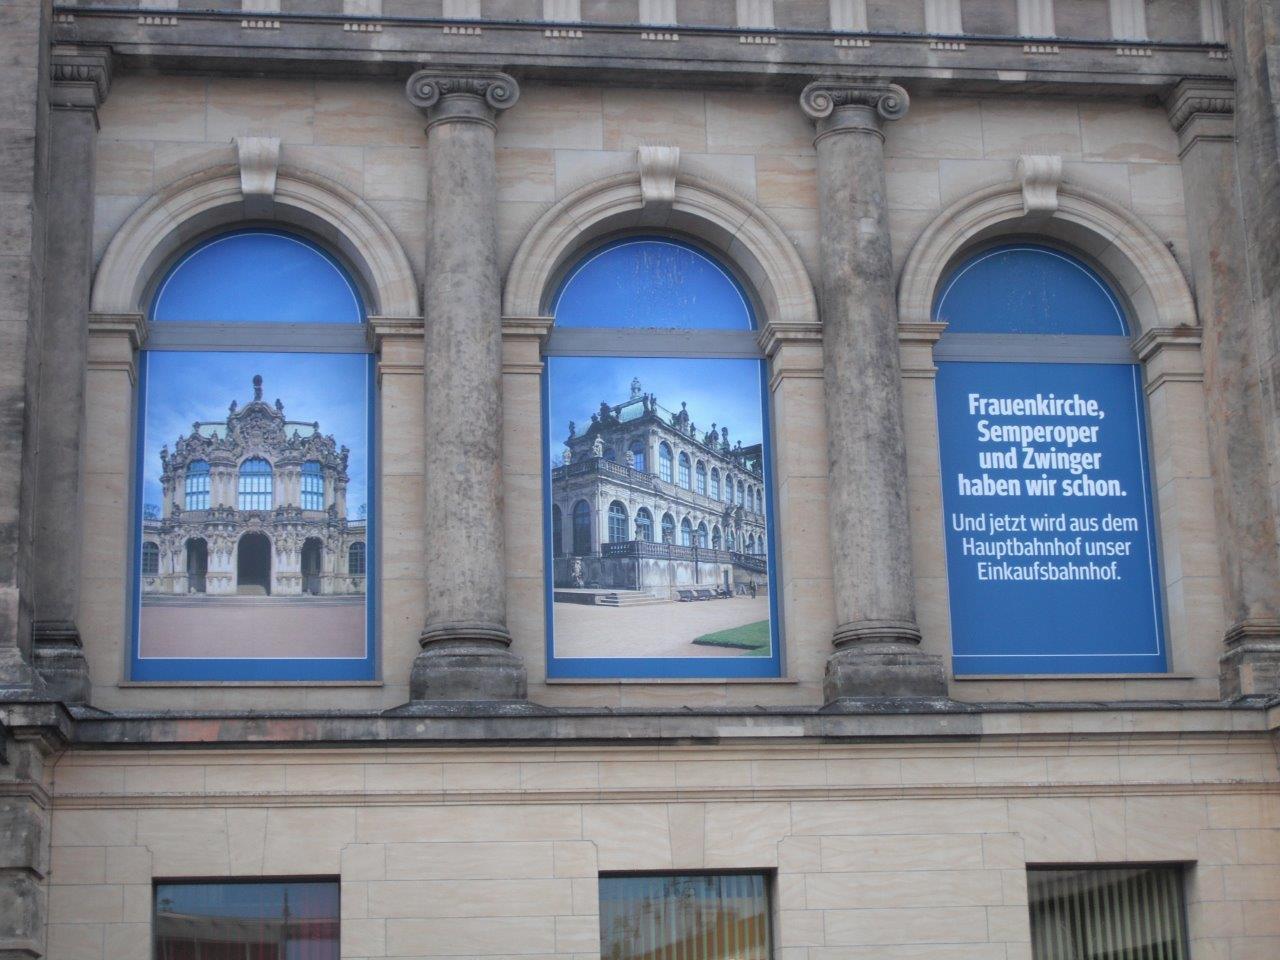 Tourismus in Dresden boomt weiter: Erneuter Übernachtungsrekord im ersten Halbjahr 2014